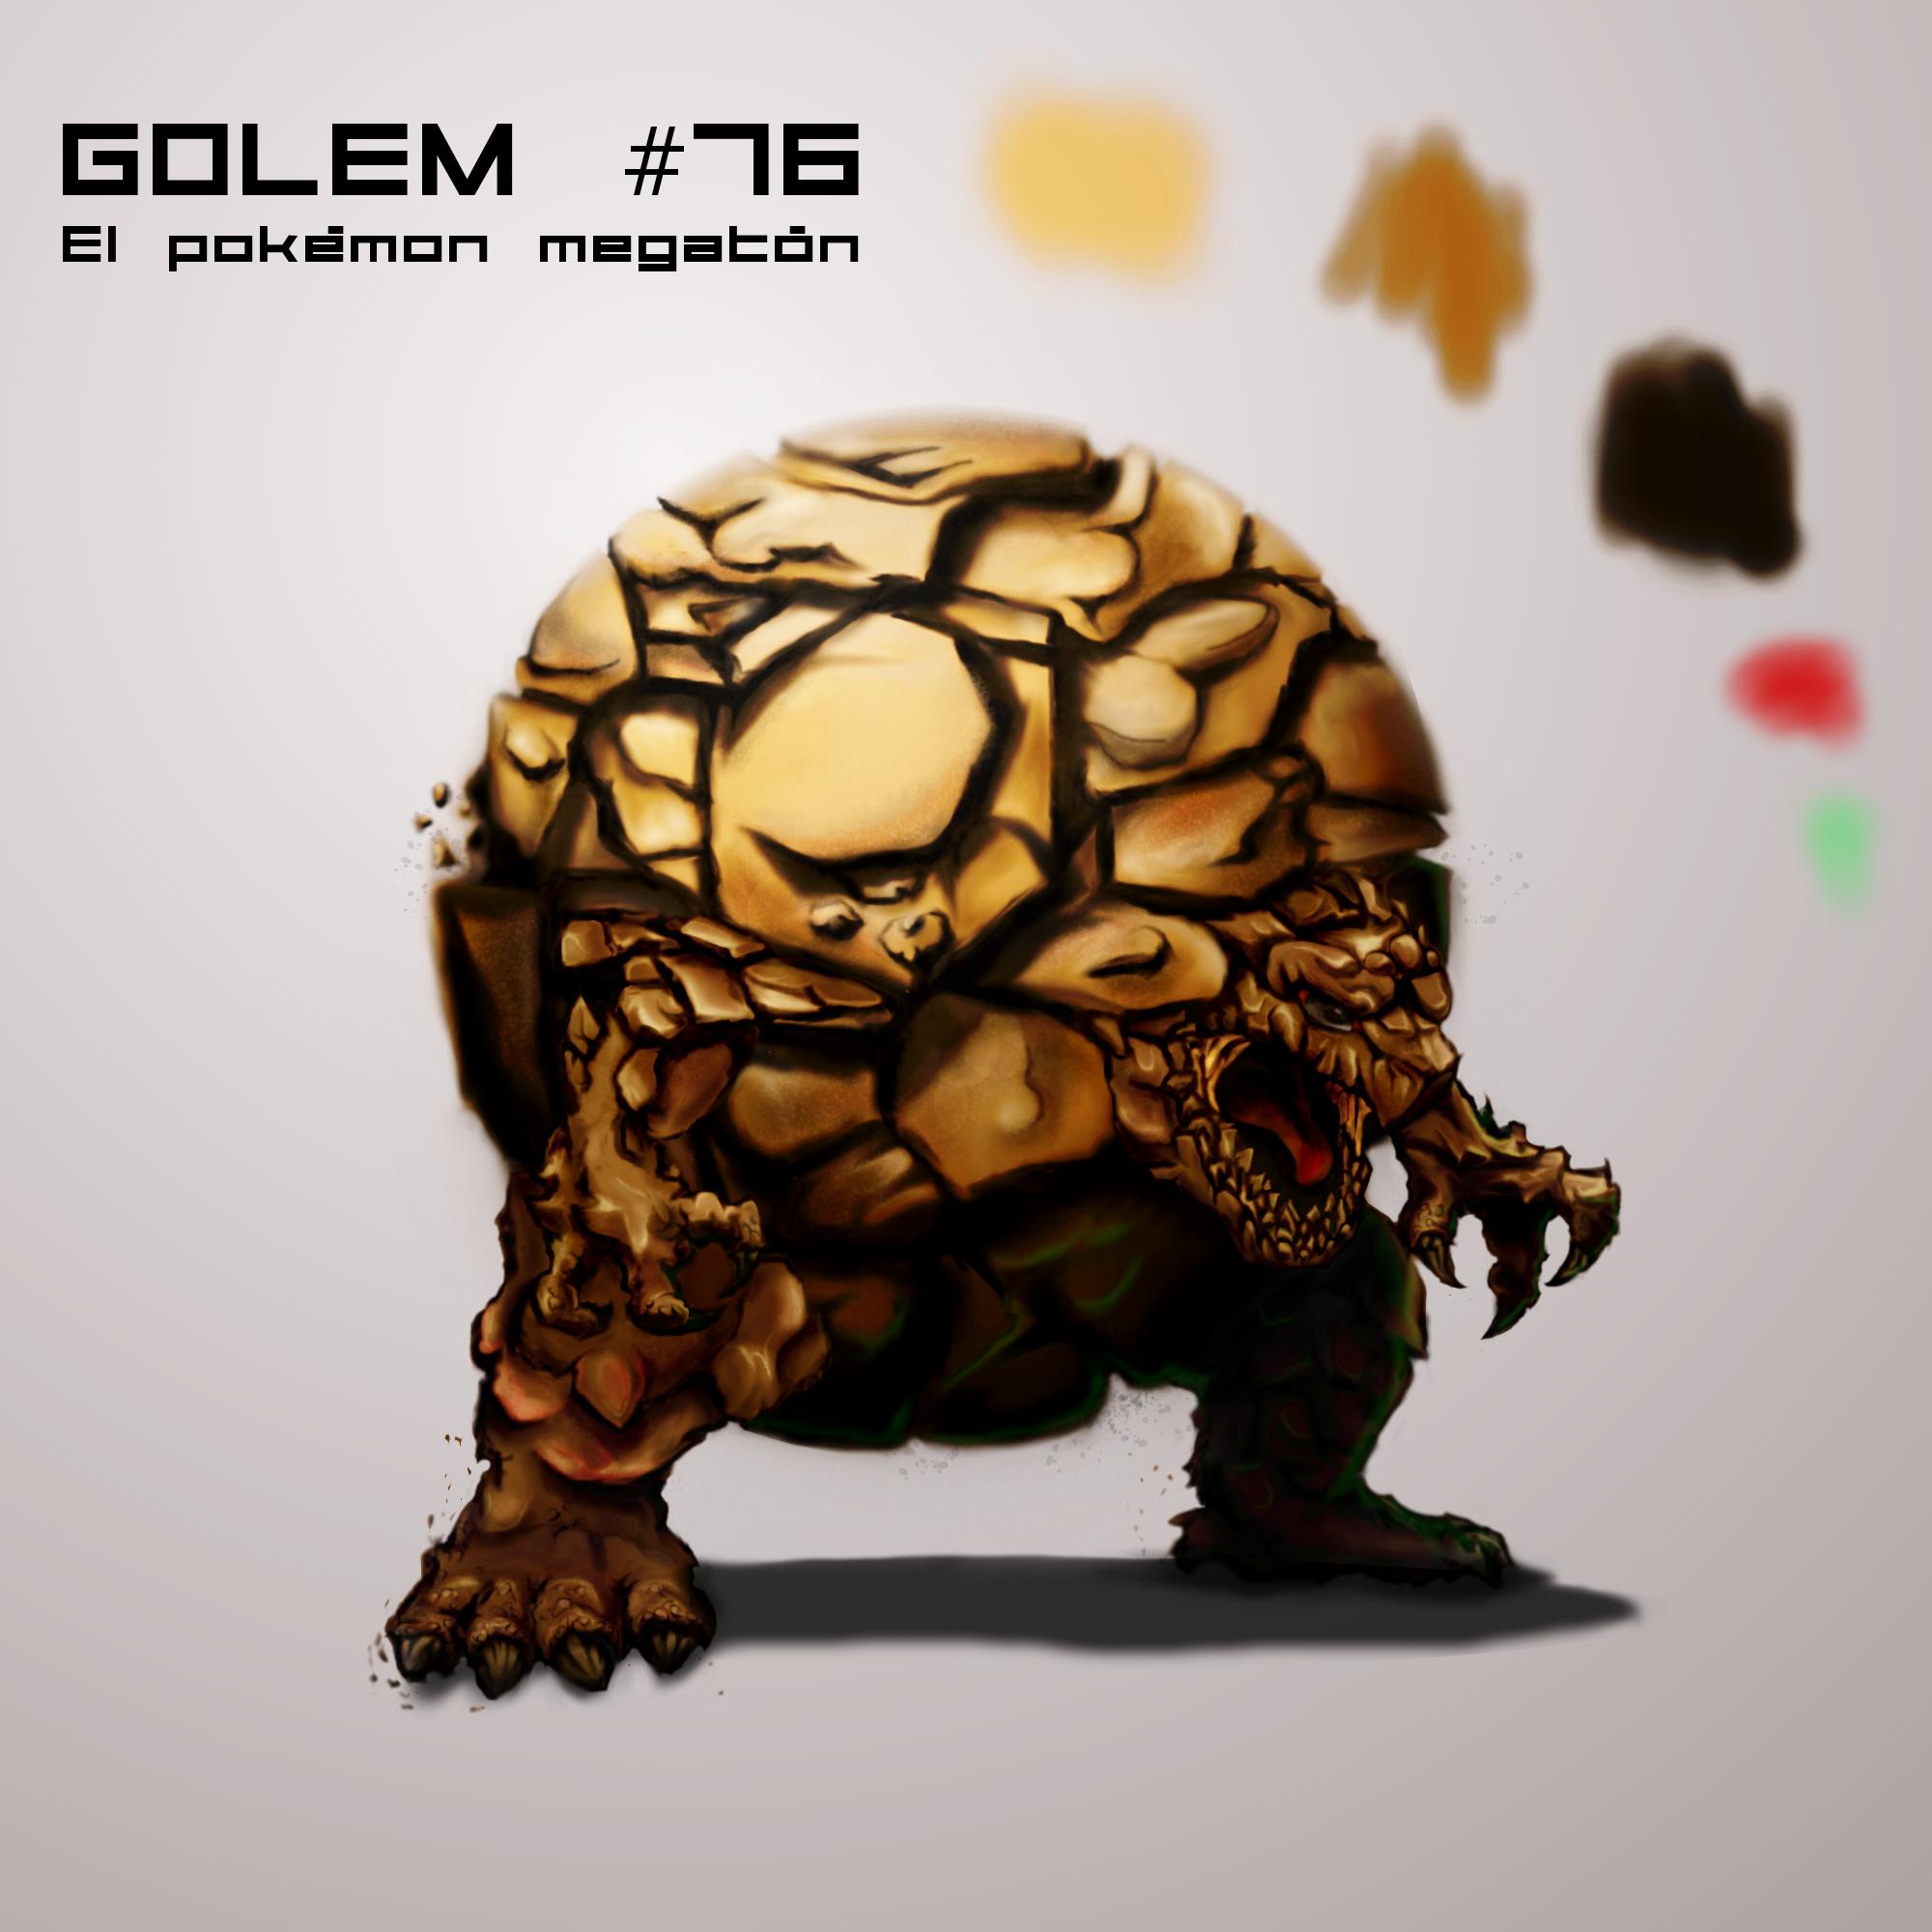 Golem Pokemon Shiny Pokemon Images | Pokemon Images